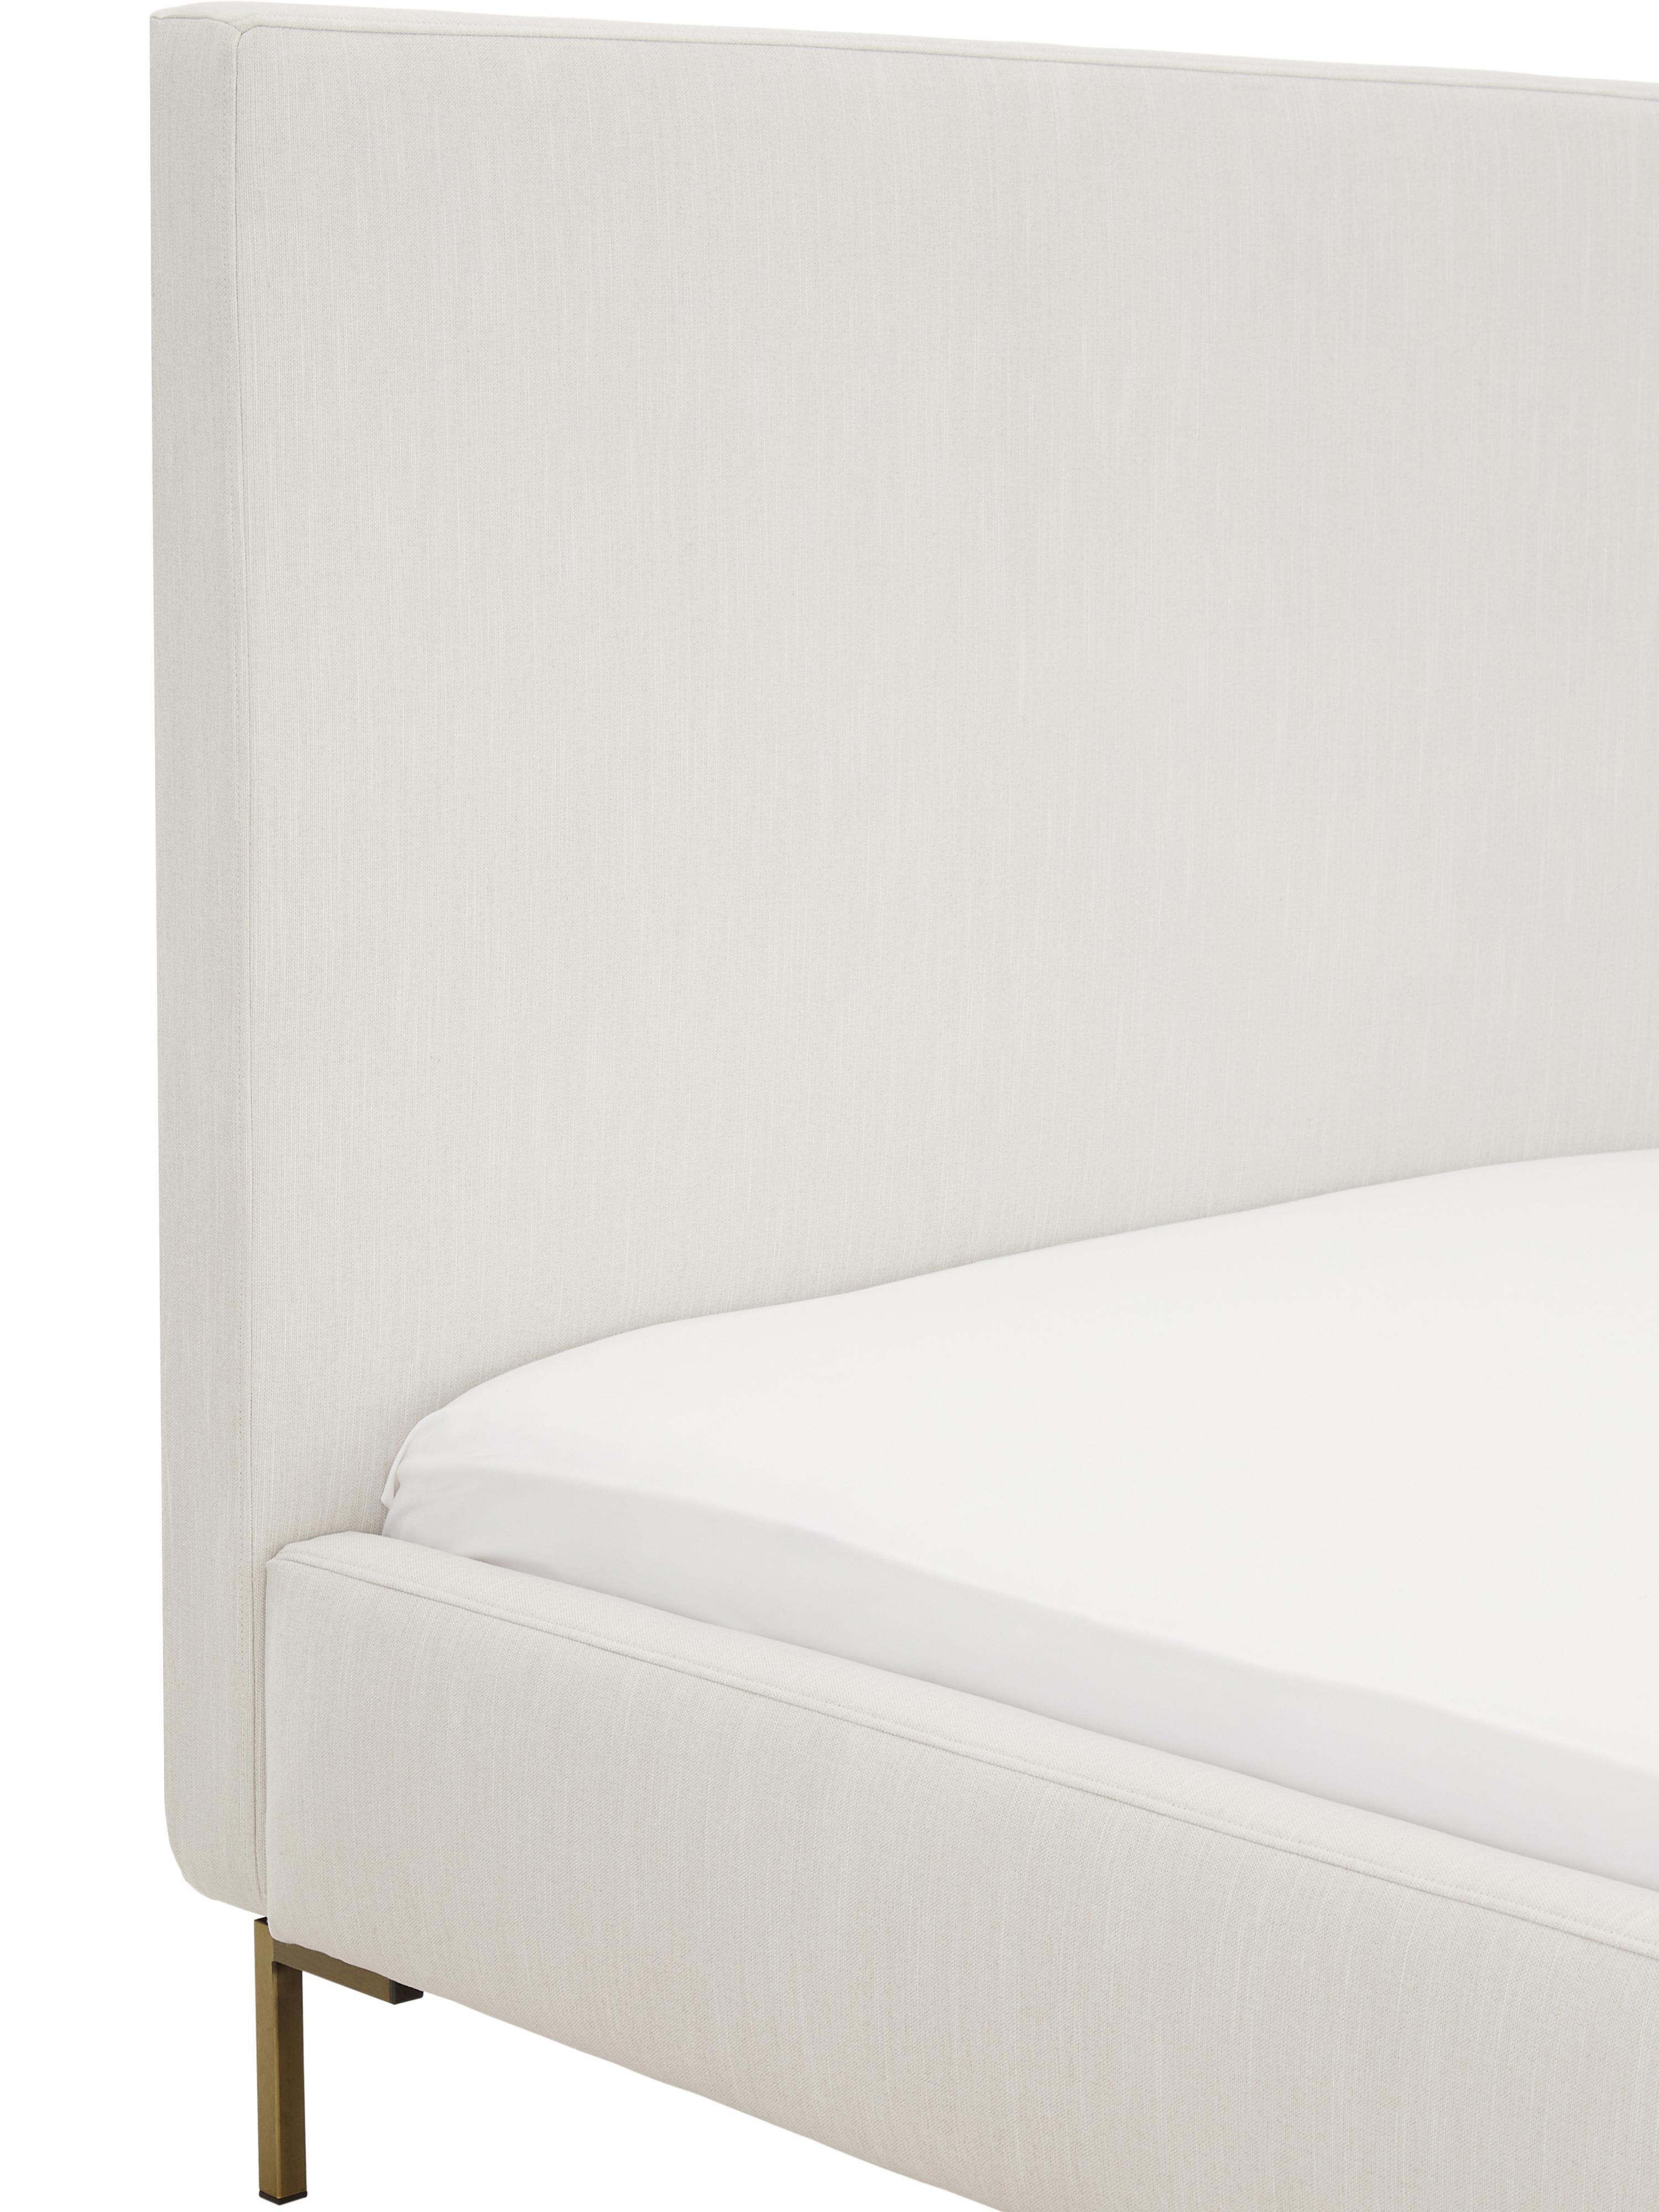 Łóżko tapicerowane z aksamitu Peace, Korpus: lite drewno sosnowe, Nogi: metal malowany proszkowo, Tapicerka: aksamit poliestrowy 3000, Tapicerka: beżowy Nogi: odcienie złotego, matowy, 200 x 200 cm